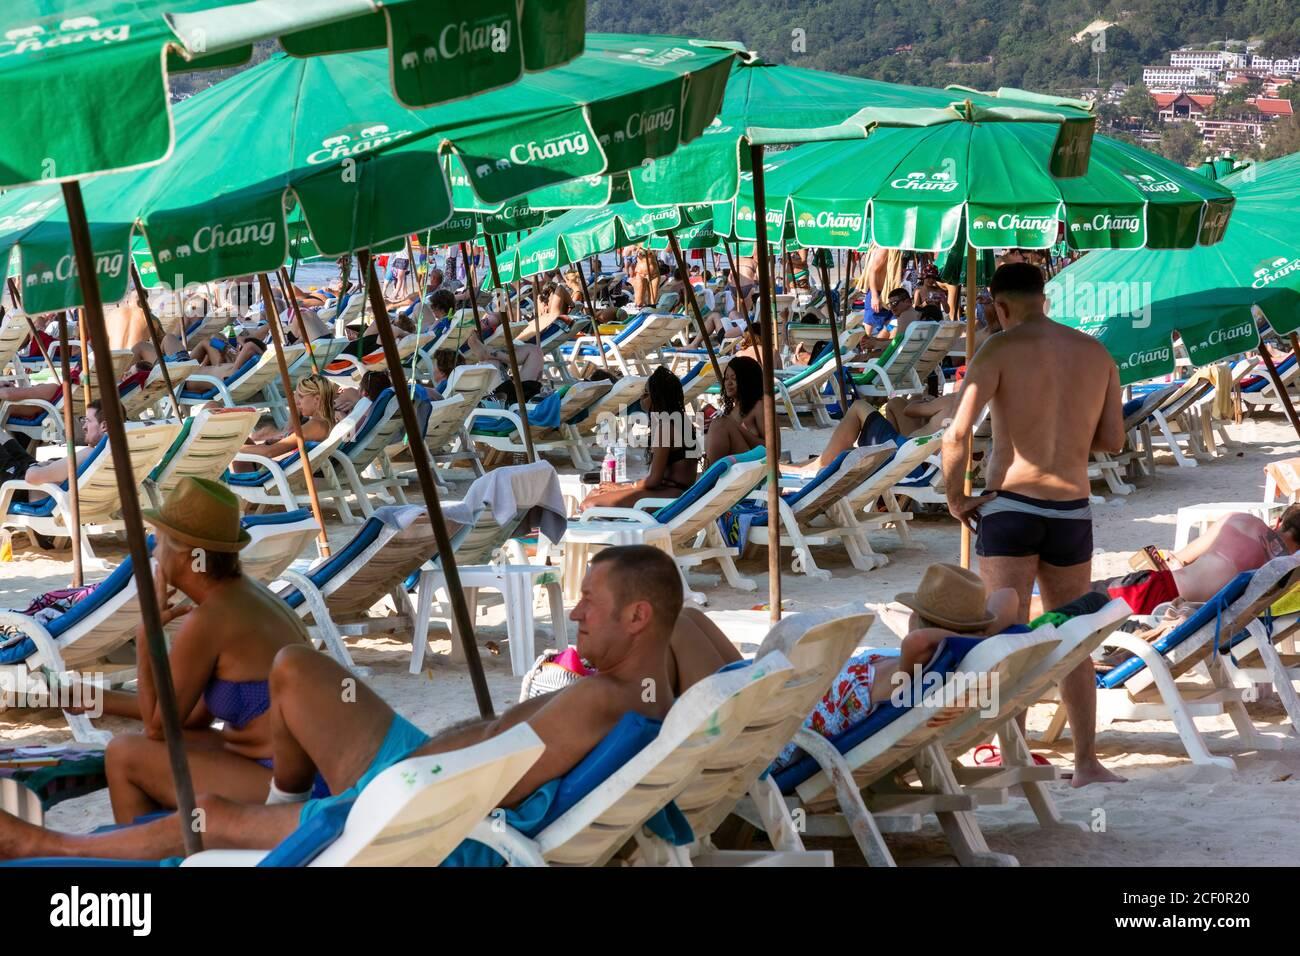 Les touristes utilisant des parasols et des chaises longues sur la plage de Patong, Phuket, Thaïlande Banque D'Images